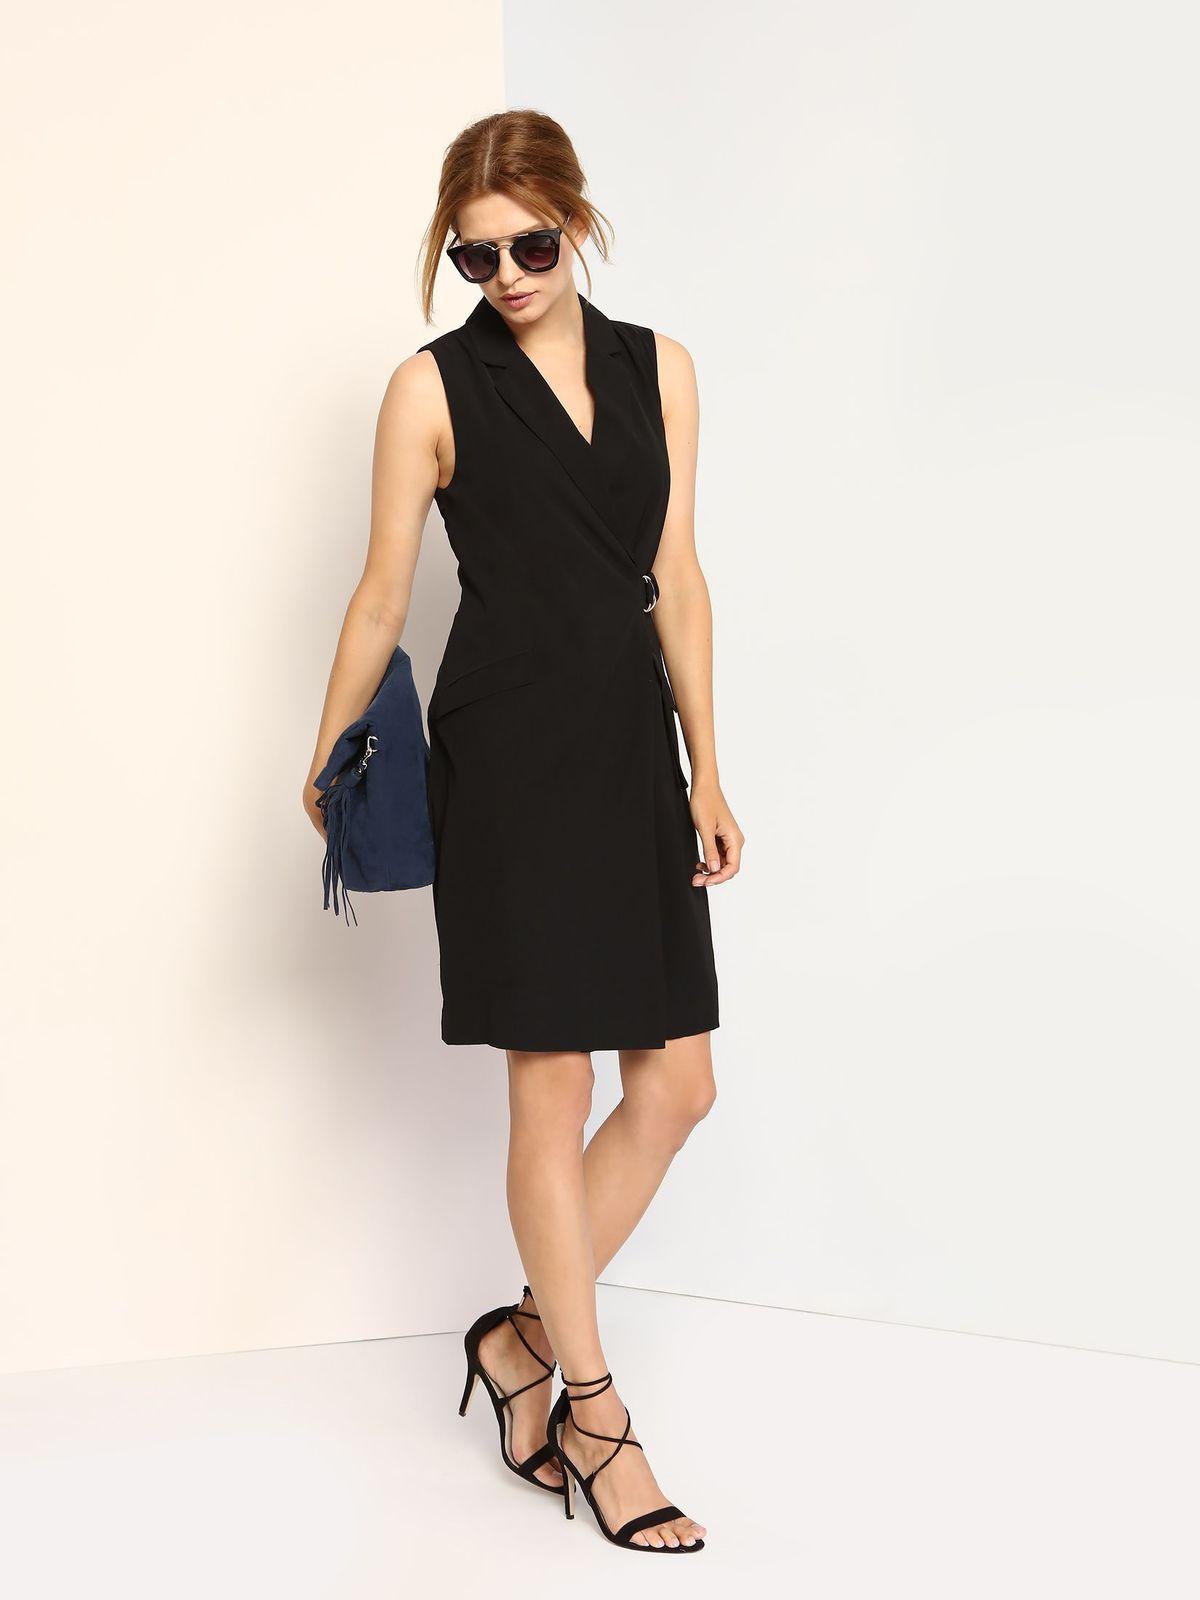 Платье Top Secret, цвет: черный. SAP0002CA. Размер 38 (44)SAP0002CAКлассической платье Top Secret, изготовленное из полиэстера, оно приятное на ощупь, не раздражает кожу и хорошо вентилируется.Модель-миди без рукавов оформлена воротником с лацканами. Перед платья с запахом застегивается на потайные пуговицы и кнопки. Перед изделия оформлен двумя прорезными карманами с защитными планками.